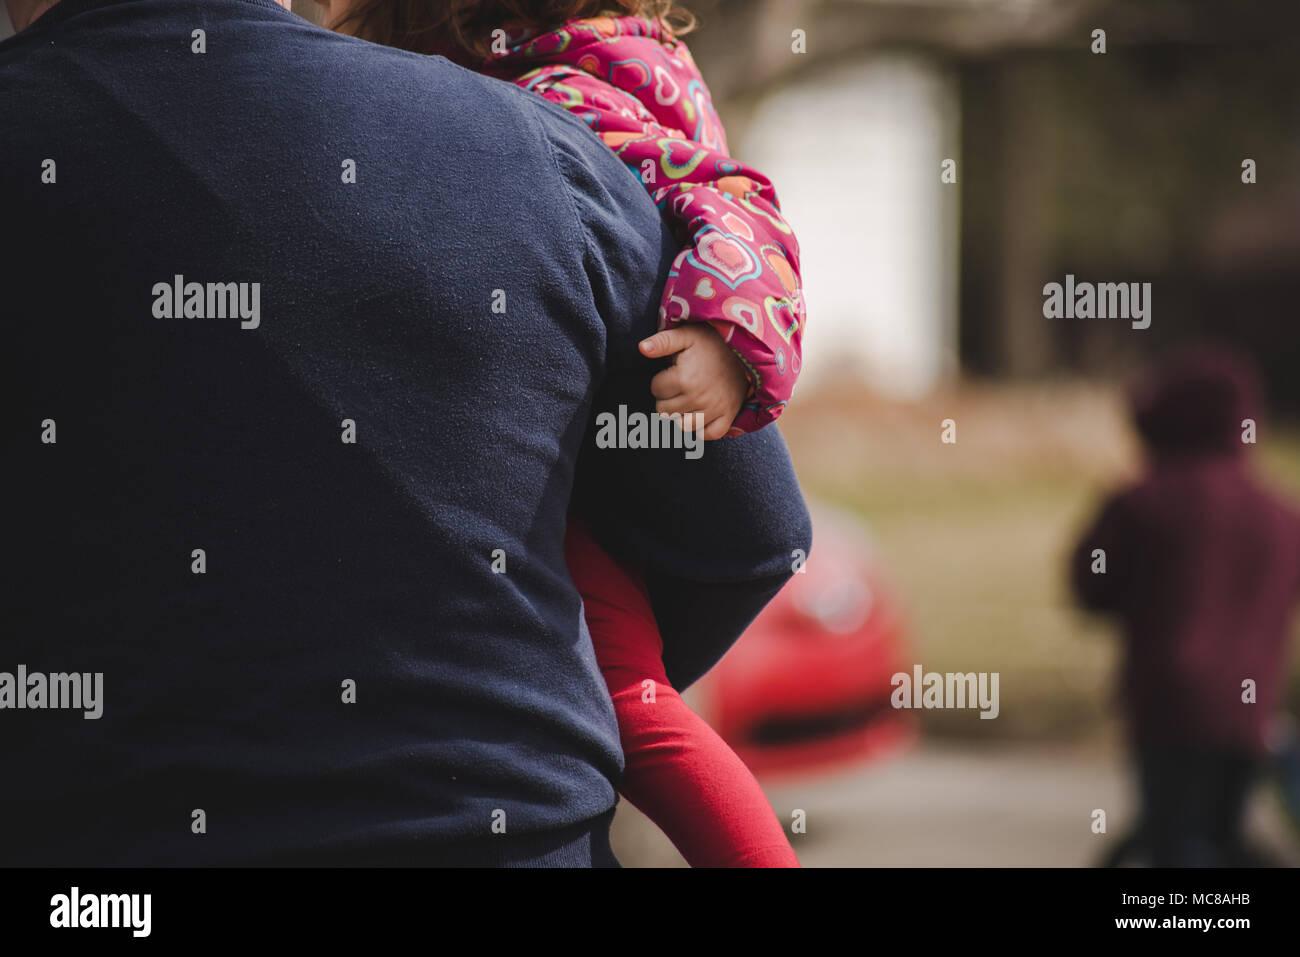 Ein Kind von ihrem Vater gehalten wird. Stockbild